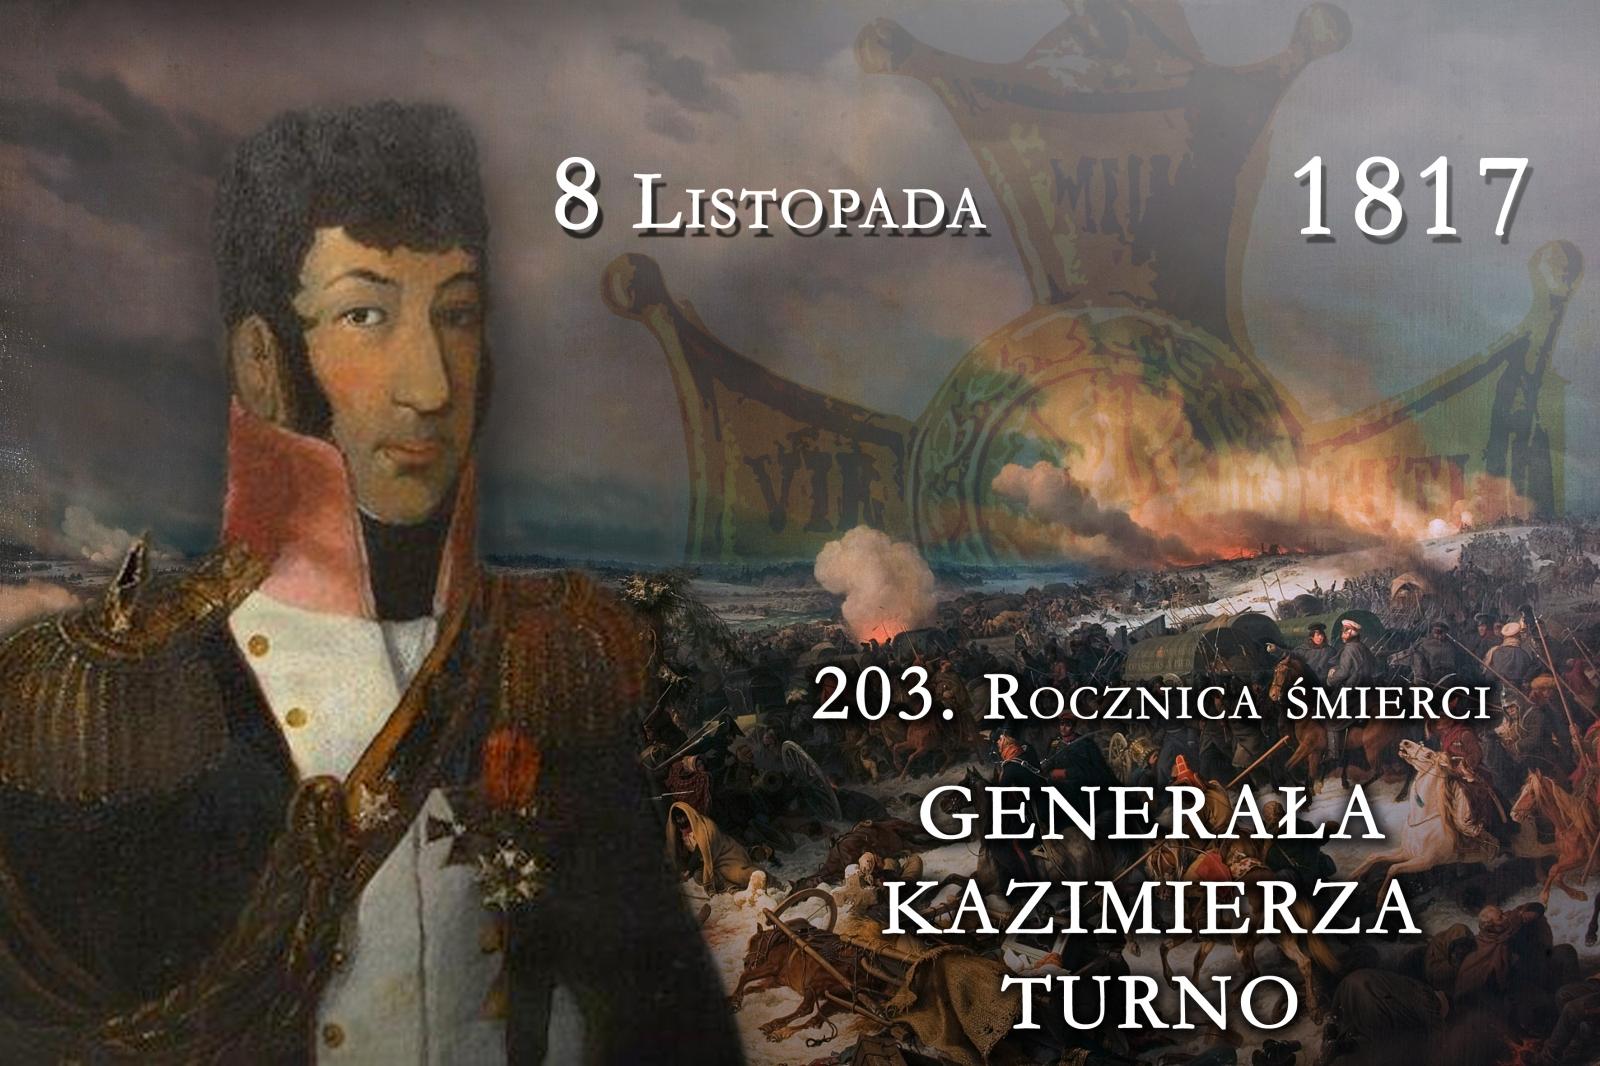 8 LISTOPADA 1817 R. - 203. ROCZINCA ŚMIERCI GEN. KAZIMIERZA TURNO